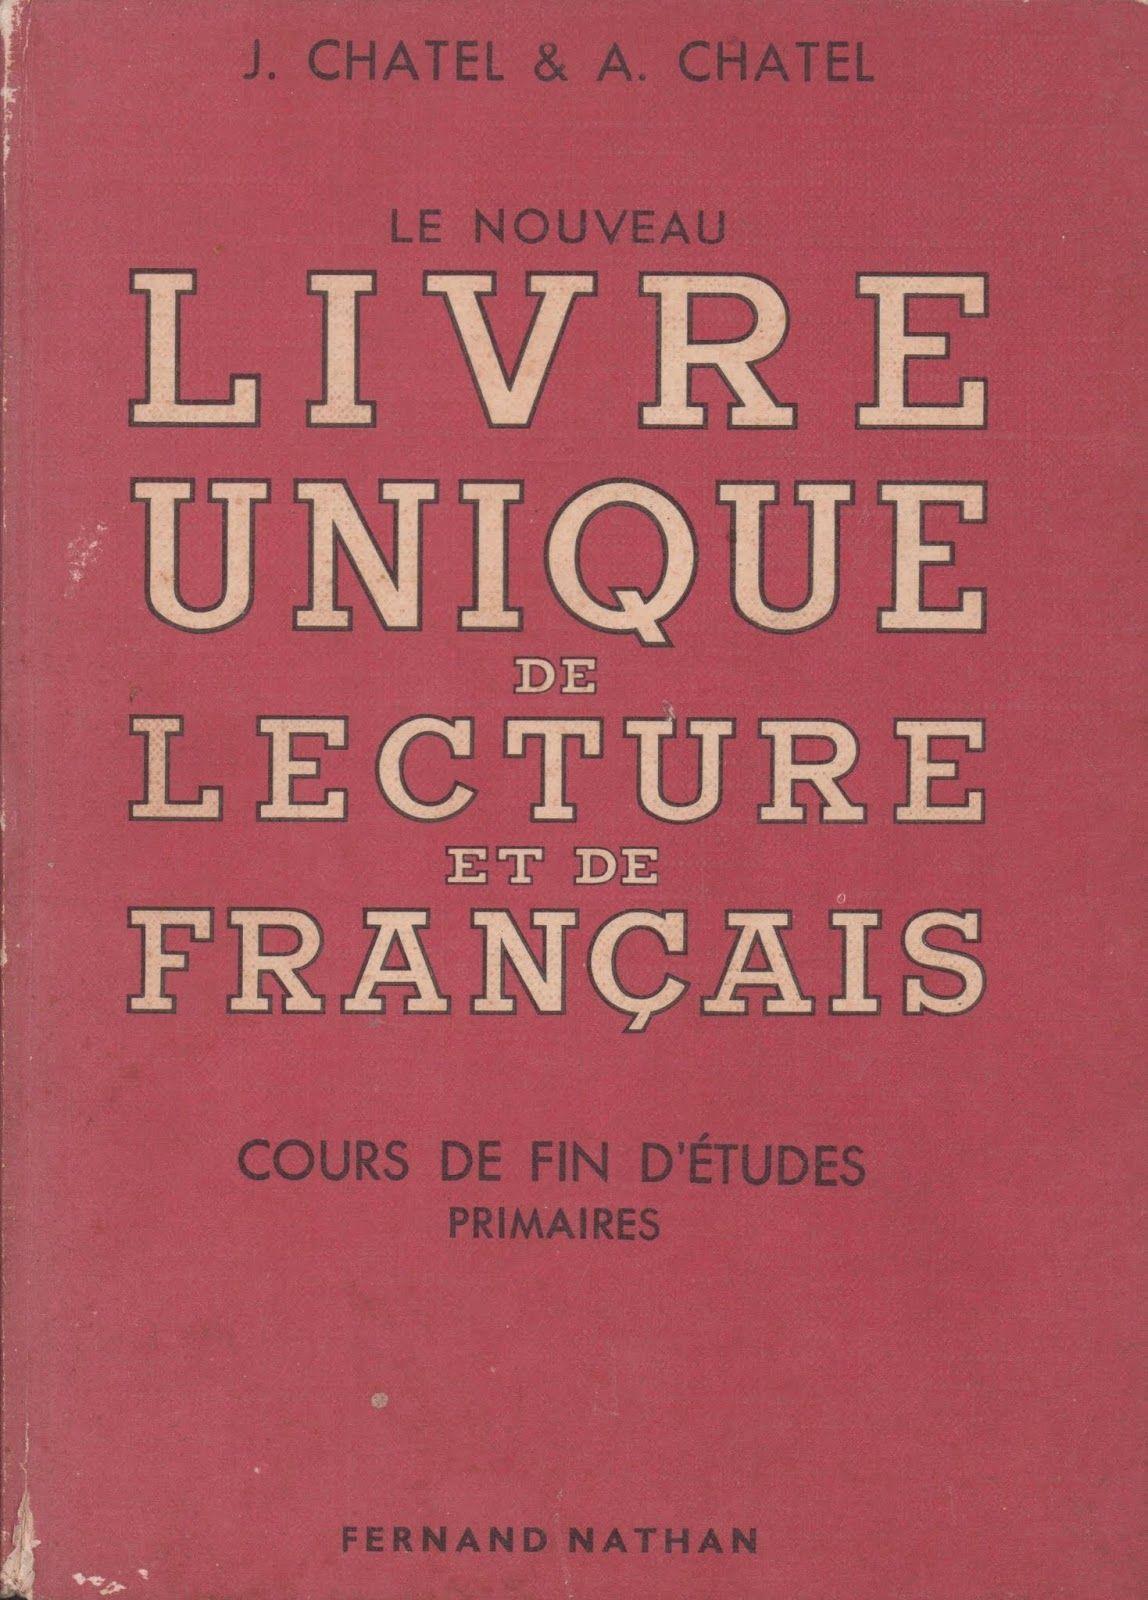 Chatel Le Nouveau Livre Unique De Francais Fin D Etudes